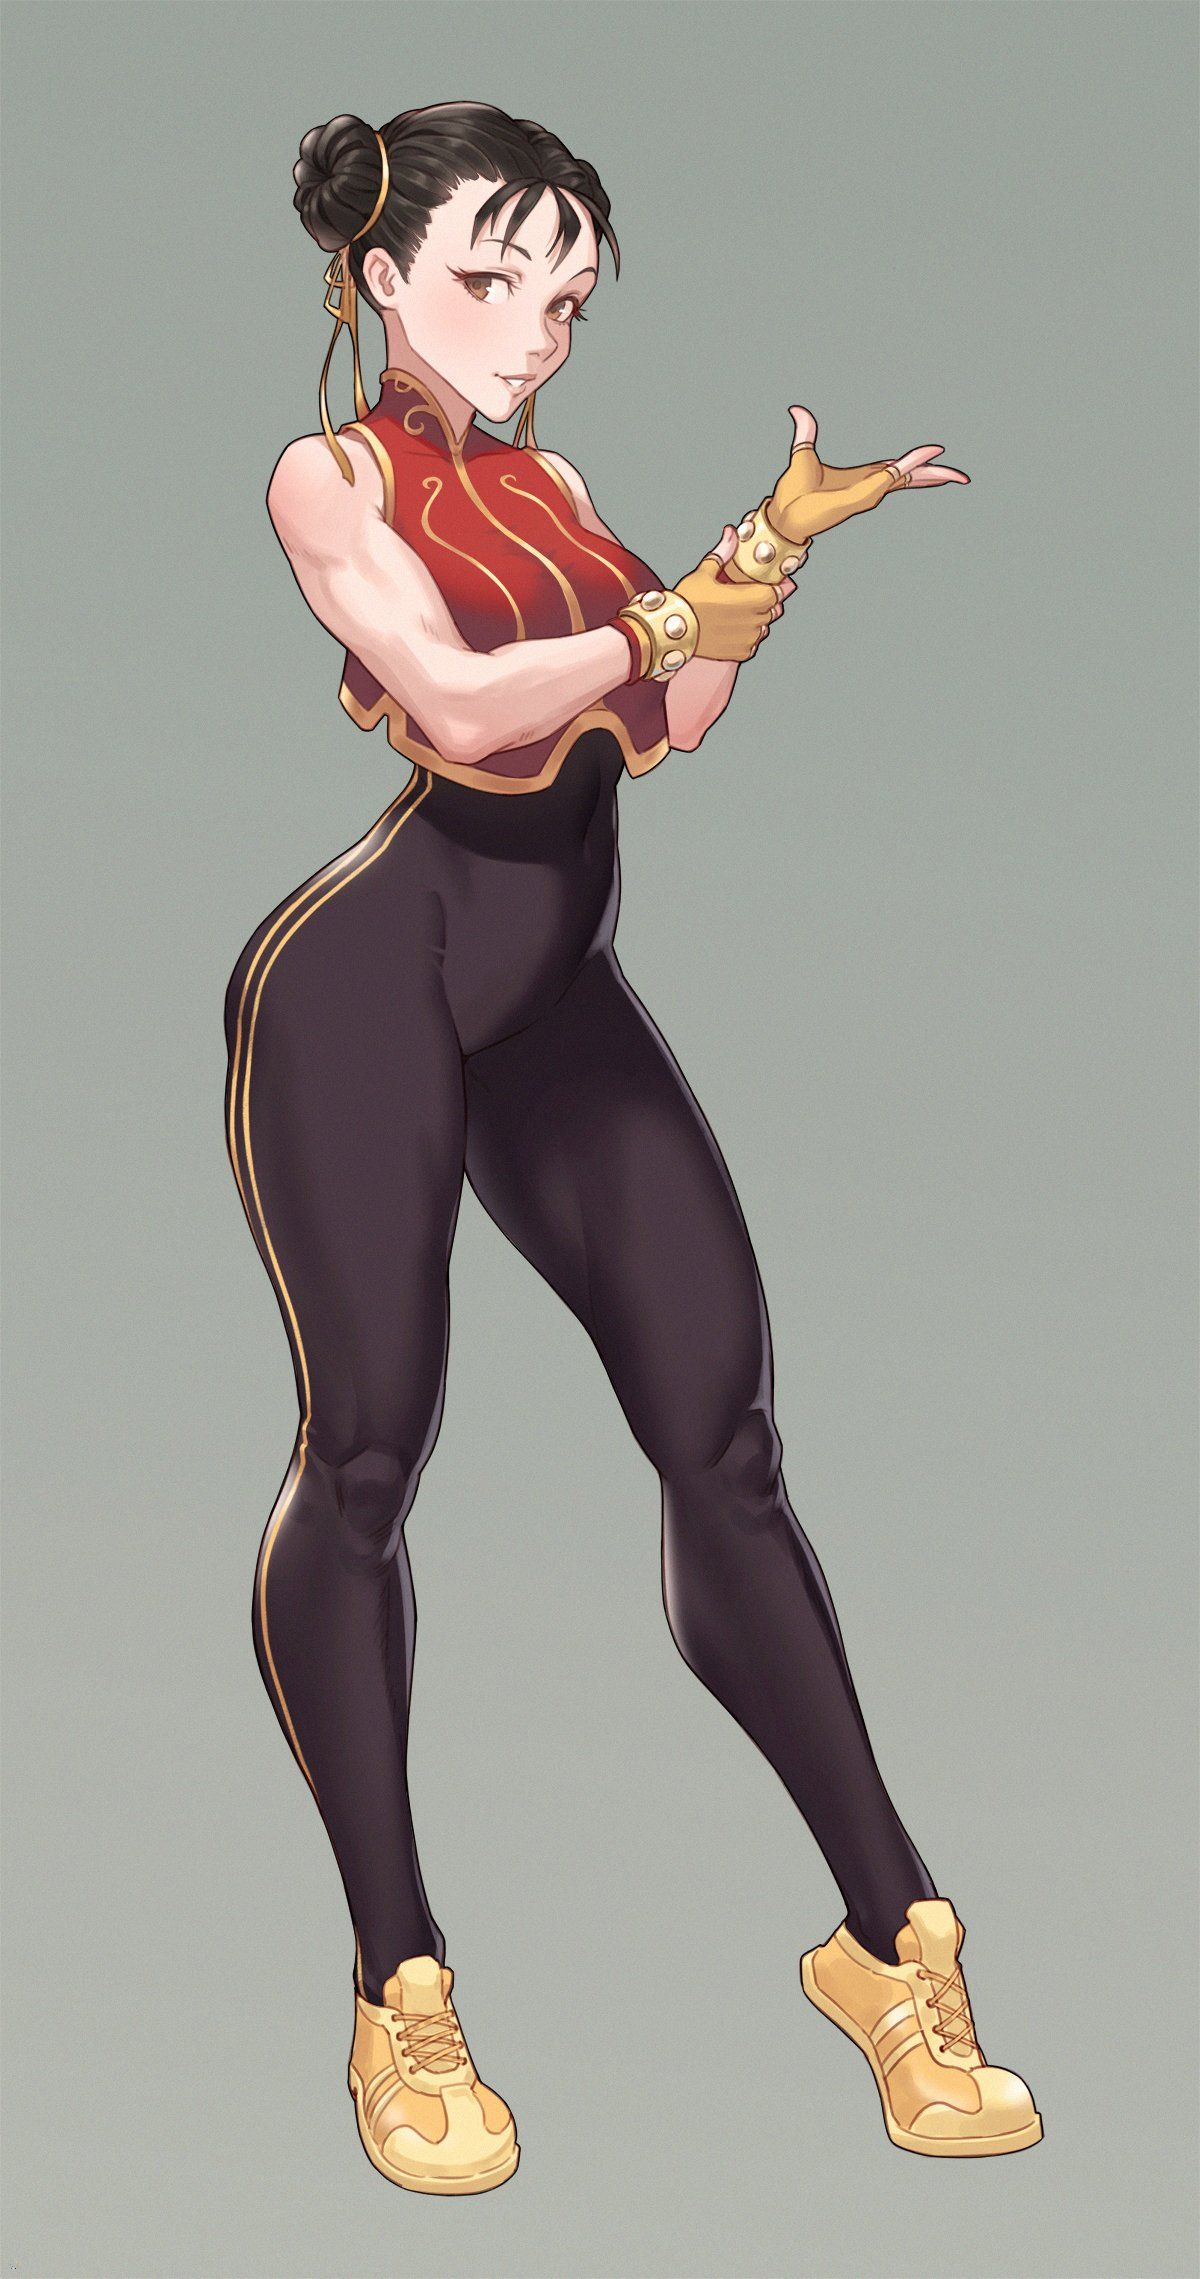 Chun Li Street Fighter Hot